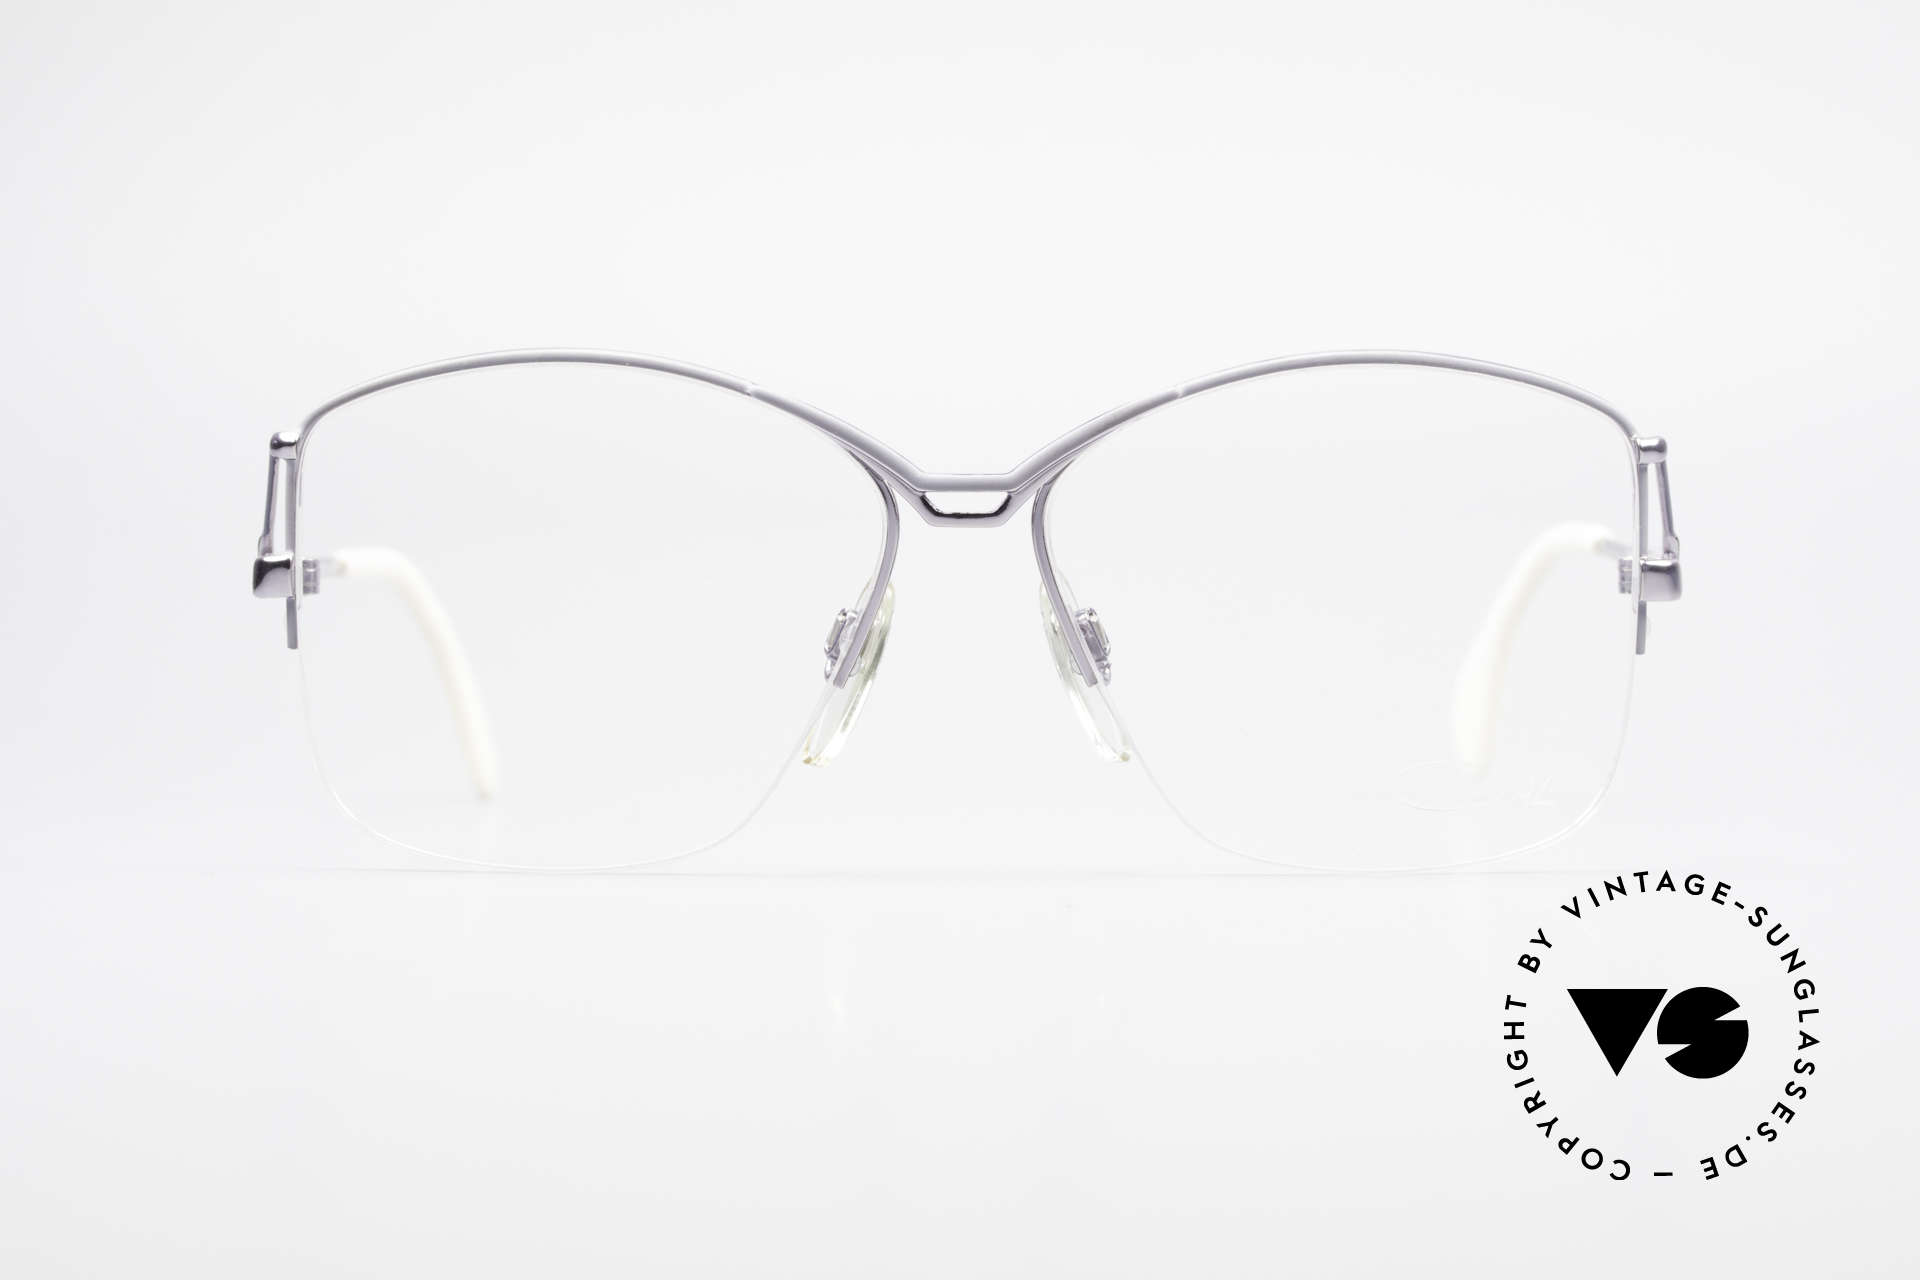 Cazal 222 80er Original Keine Retrobrille, großer halb offener Metall-Rahmen in grau, Passend für Damen